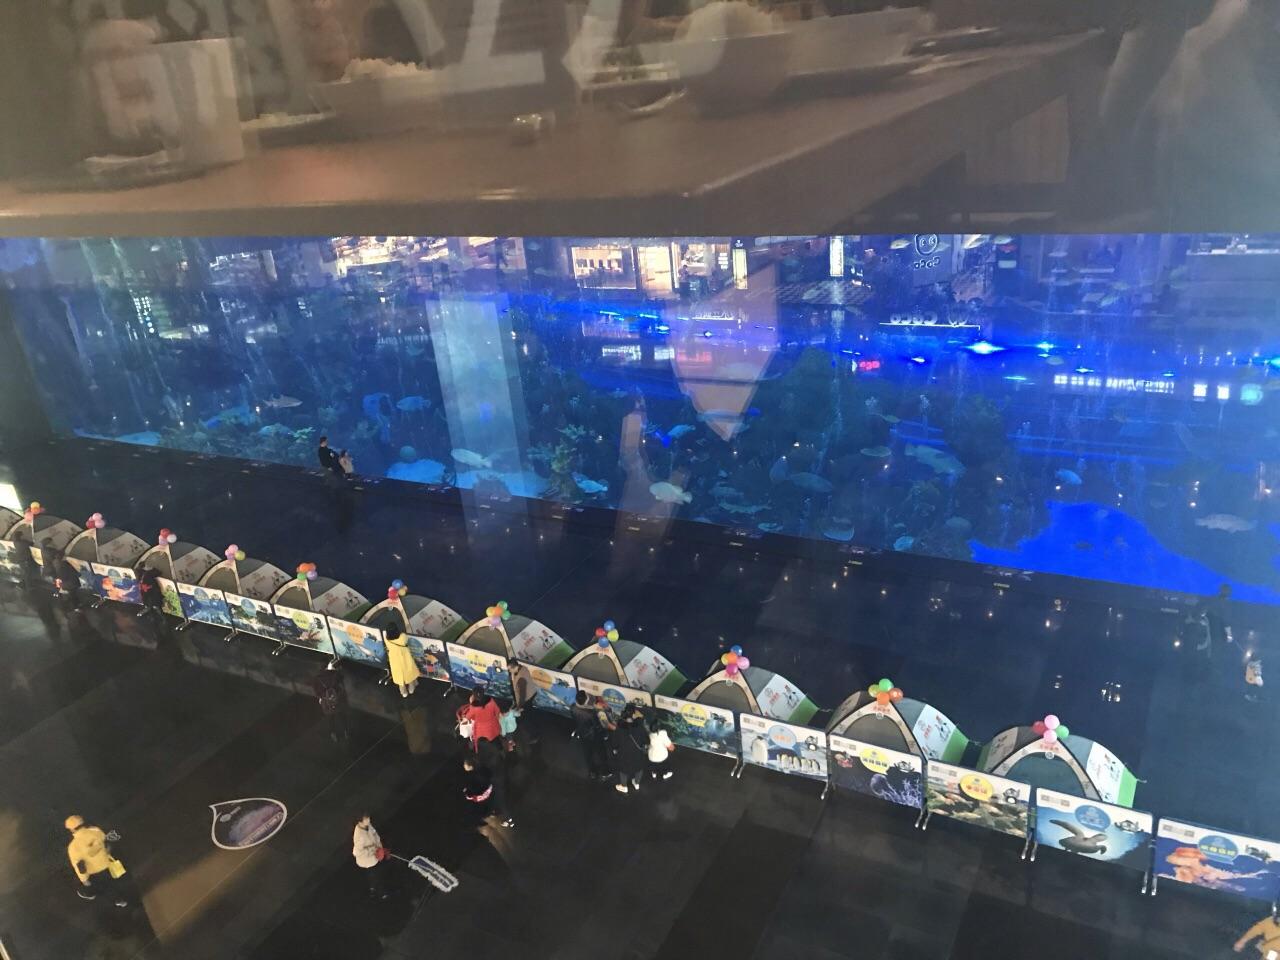 蛟龙滨城港海长春新疆旅游至攻略图片